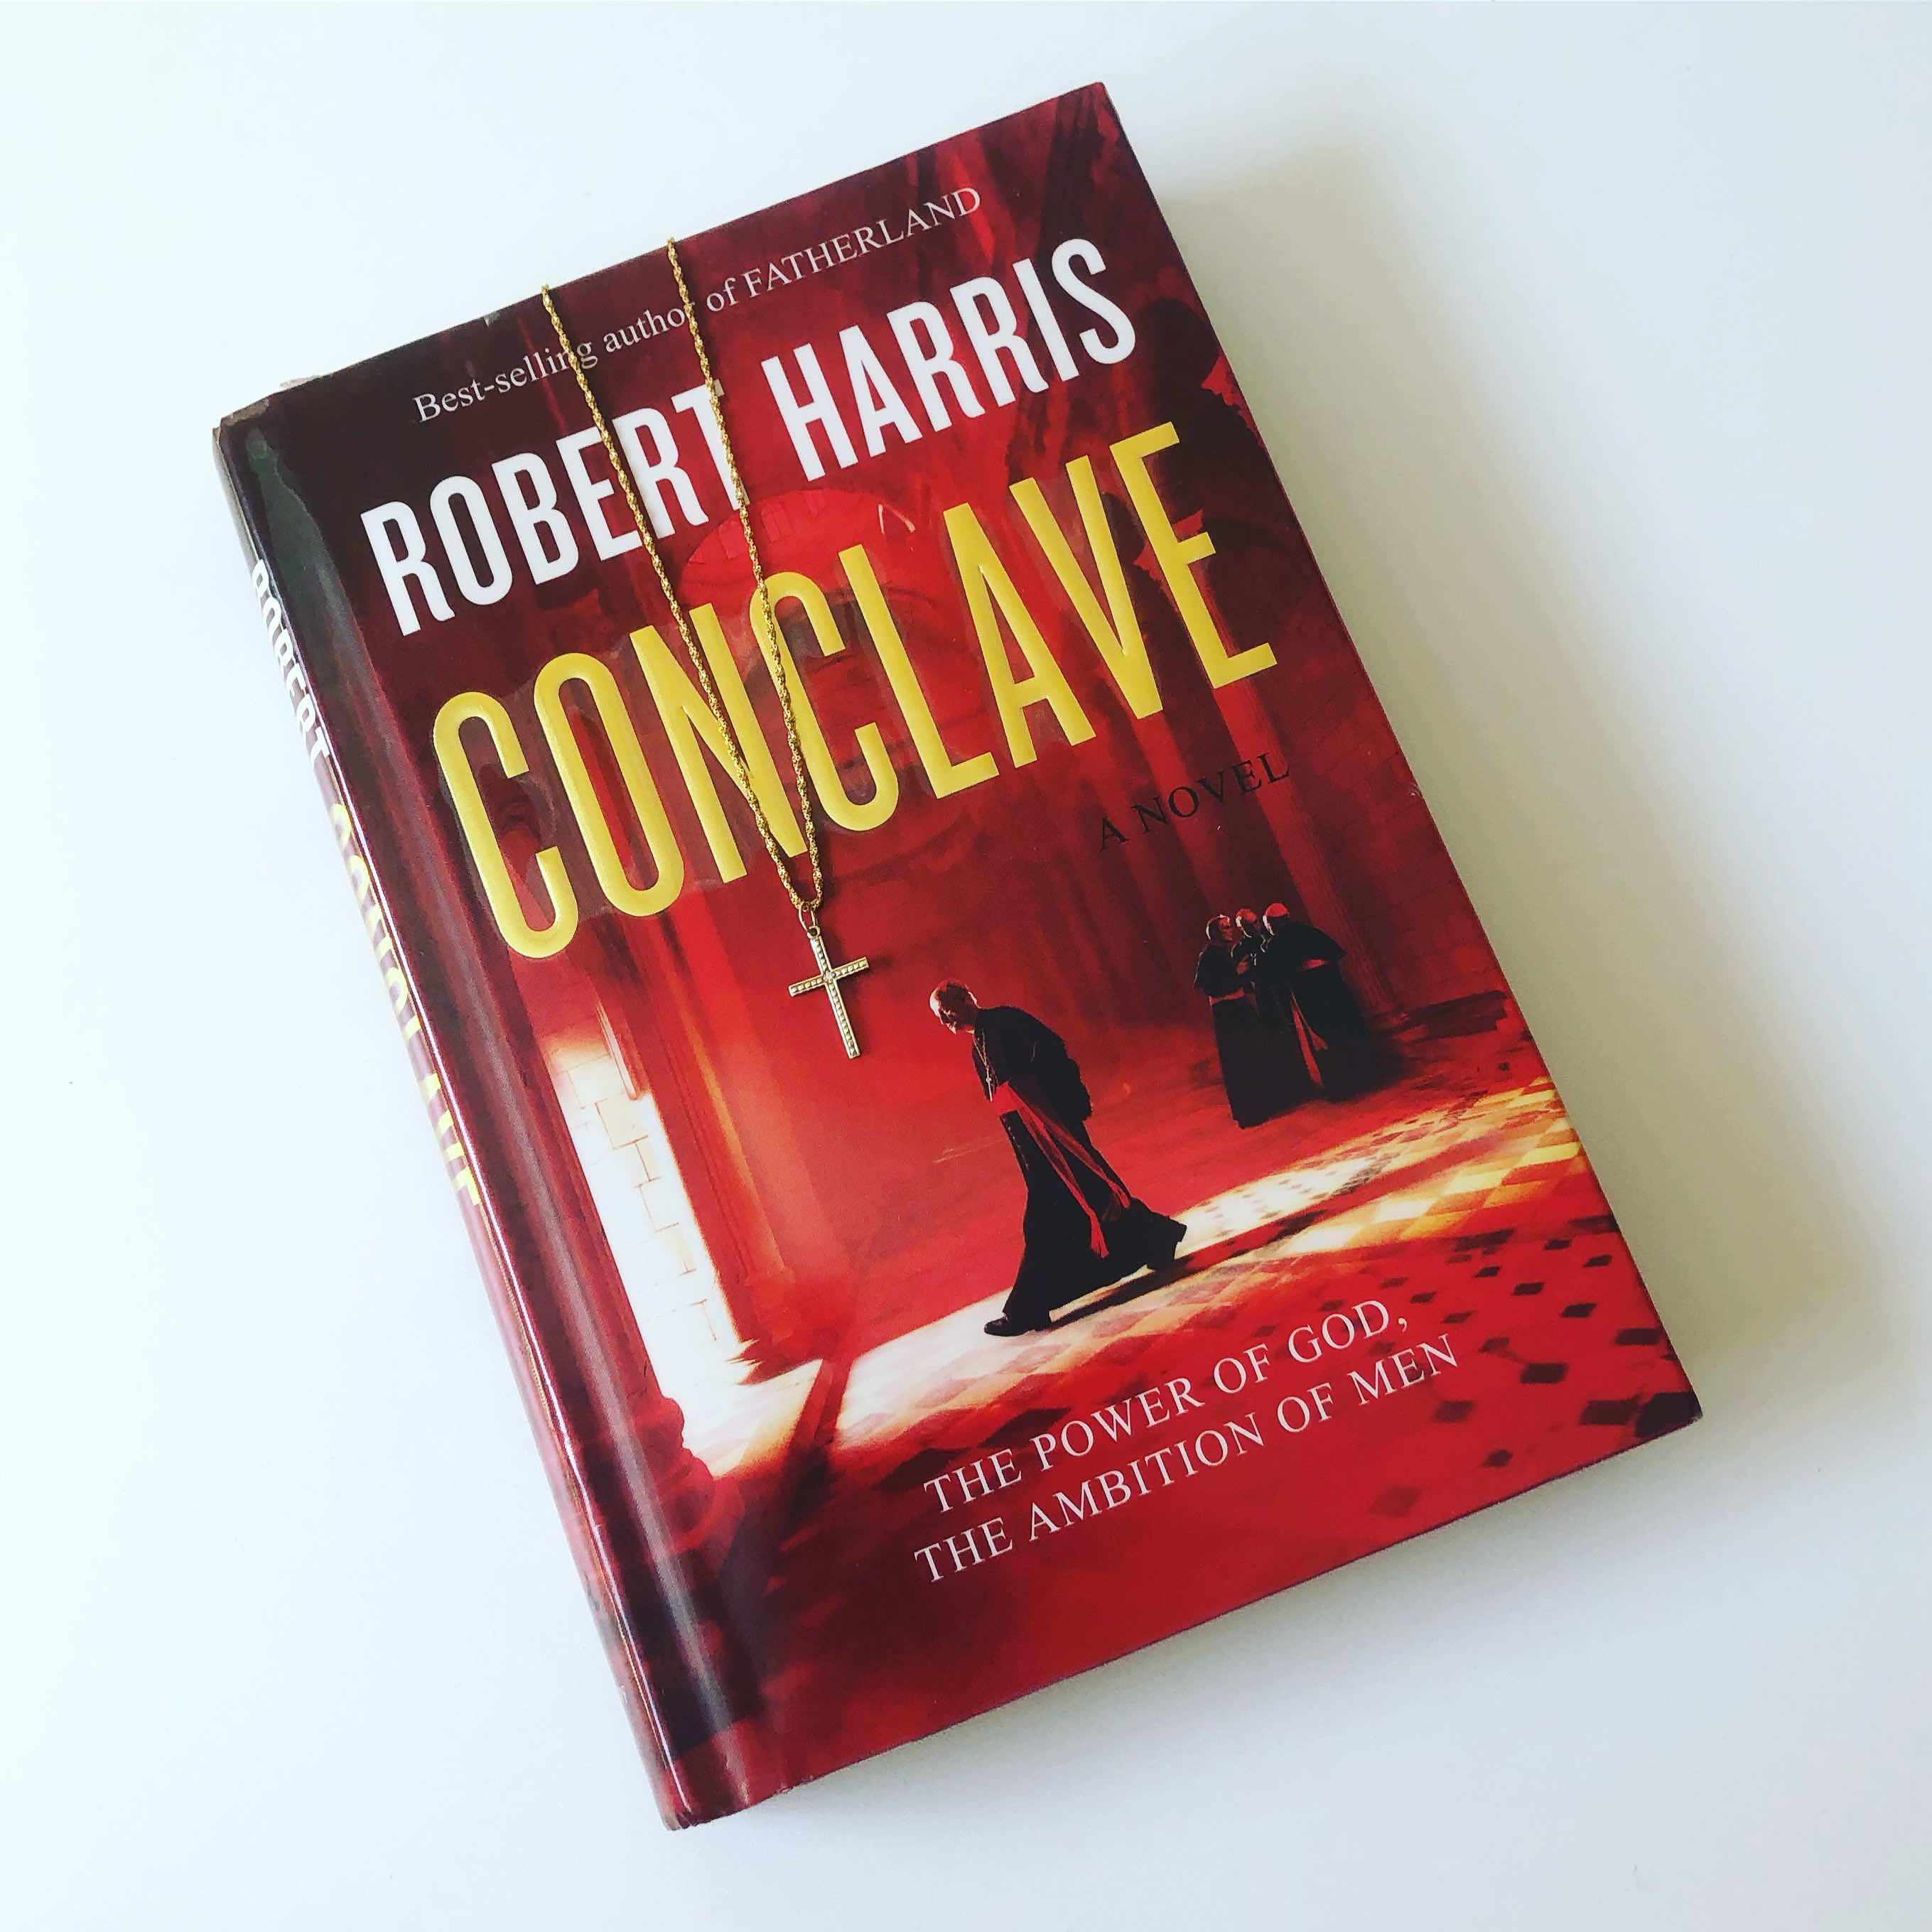 Robert Harris: Conclave